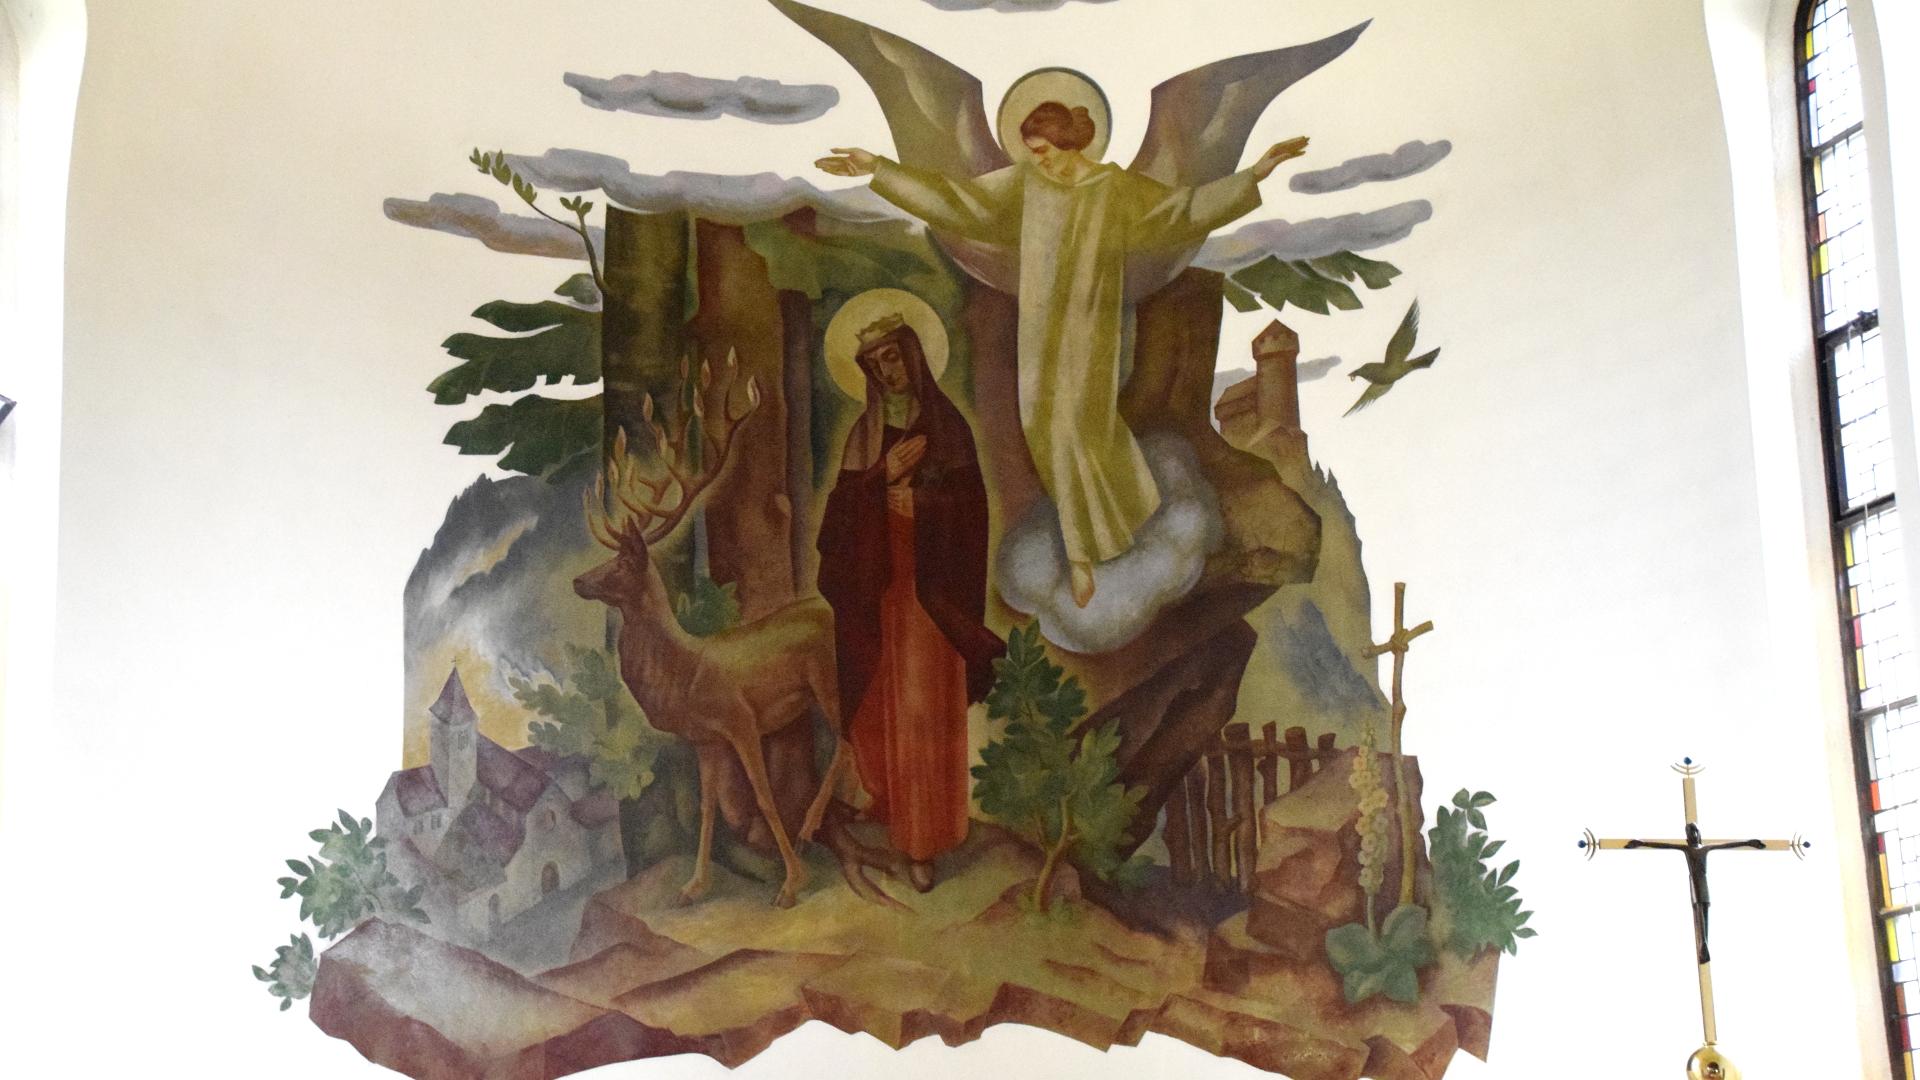 Heilige Idda, Altarbild | © Barbara Fleischmann